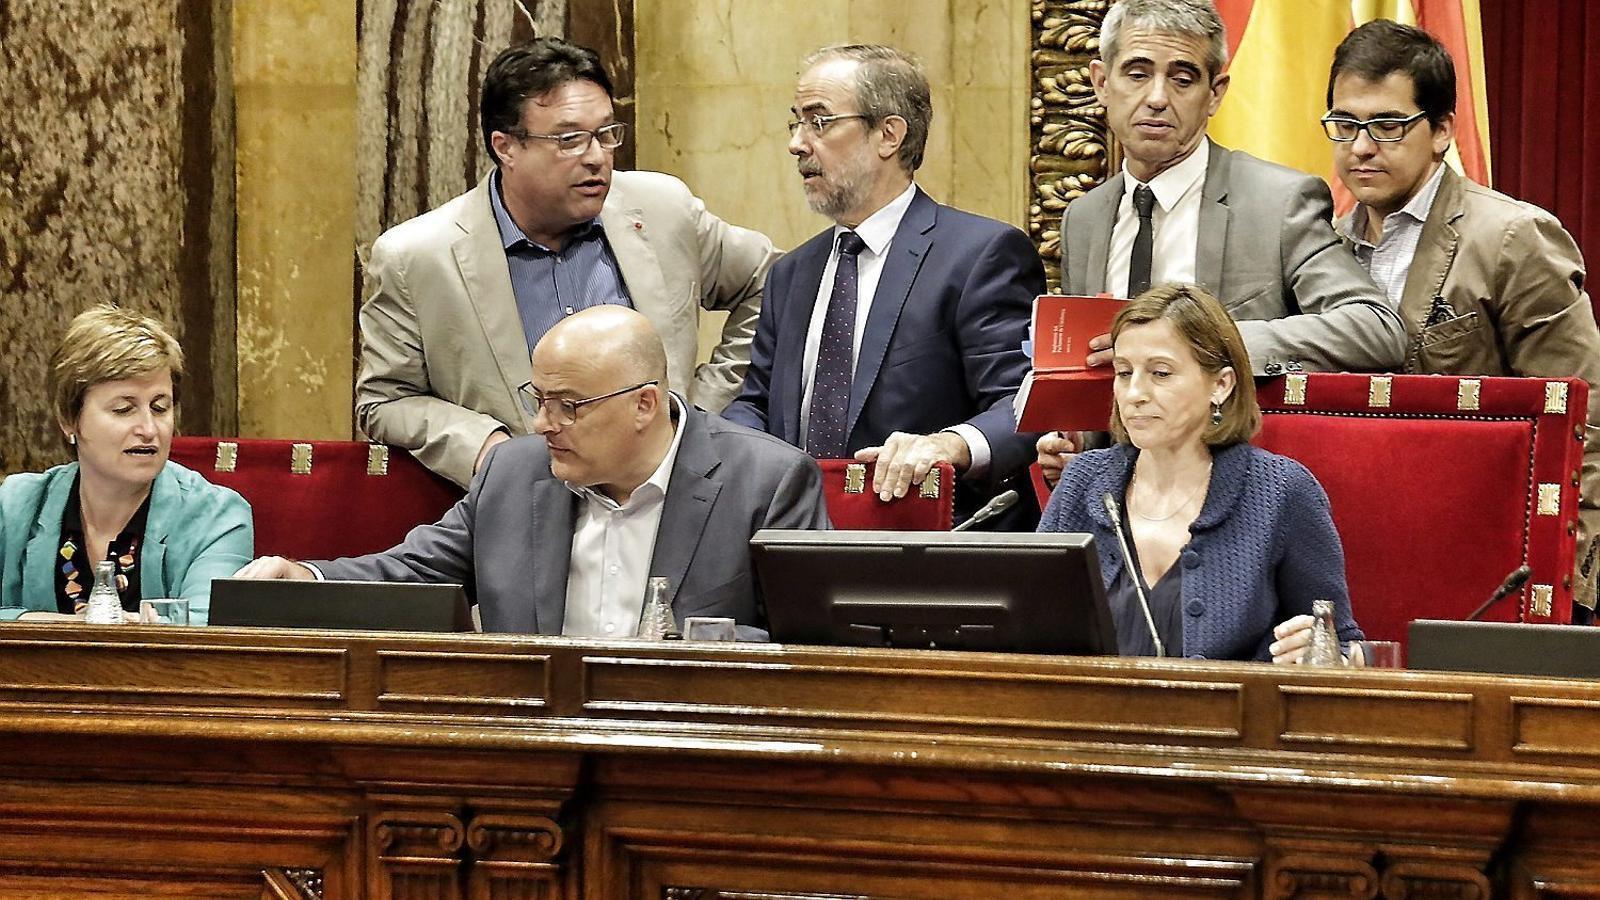 Els quatre membres independentistes de la mesa -Anna Simó, Lluís Corominas, Carme Forcadell i Ramona Barrufet- podrien ser sancionats.